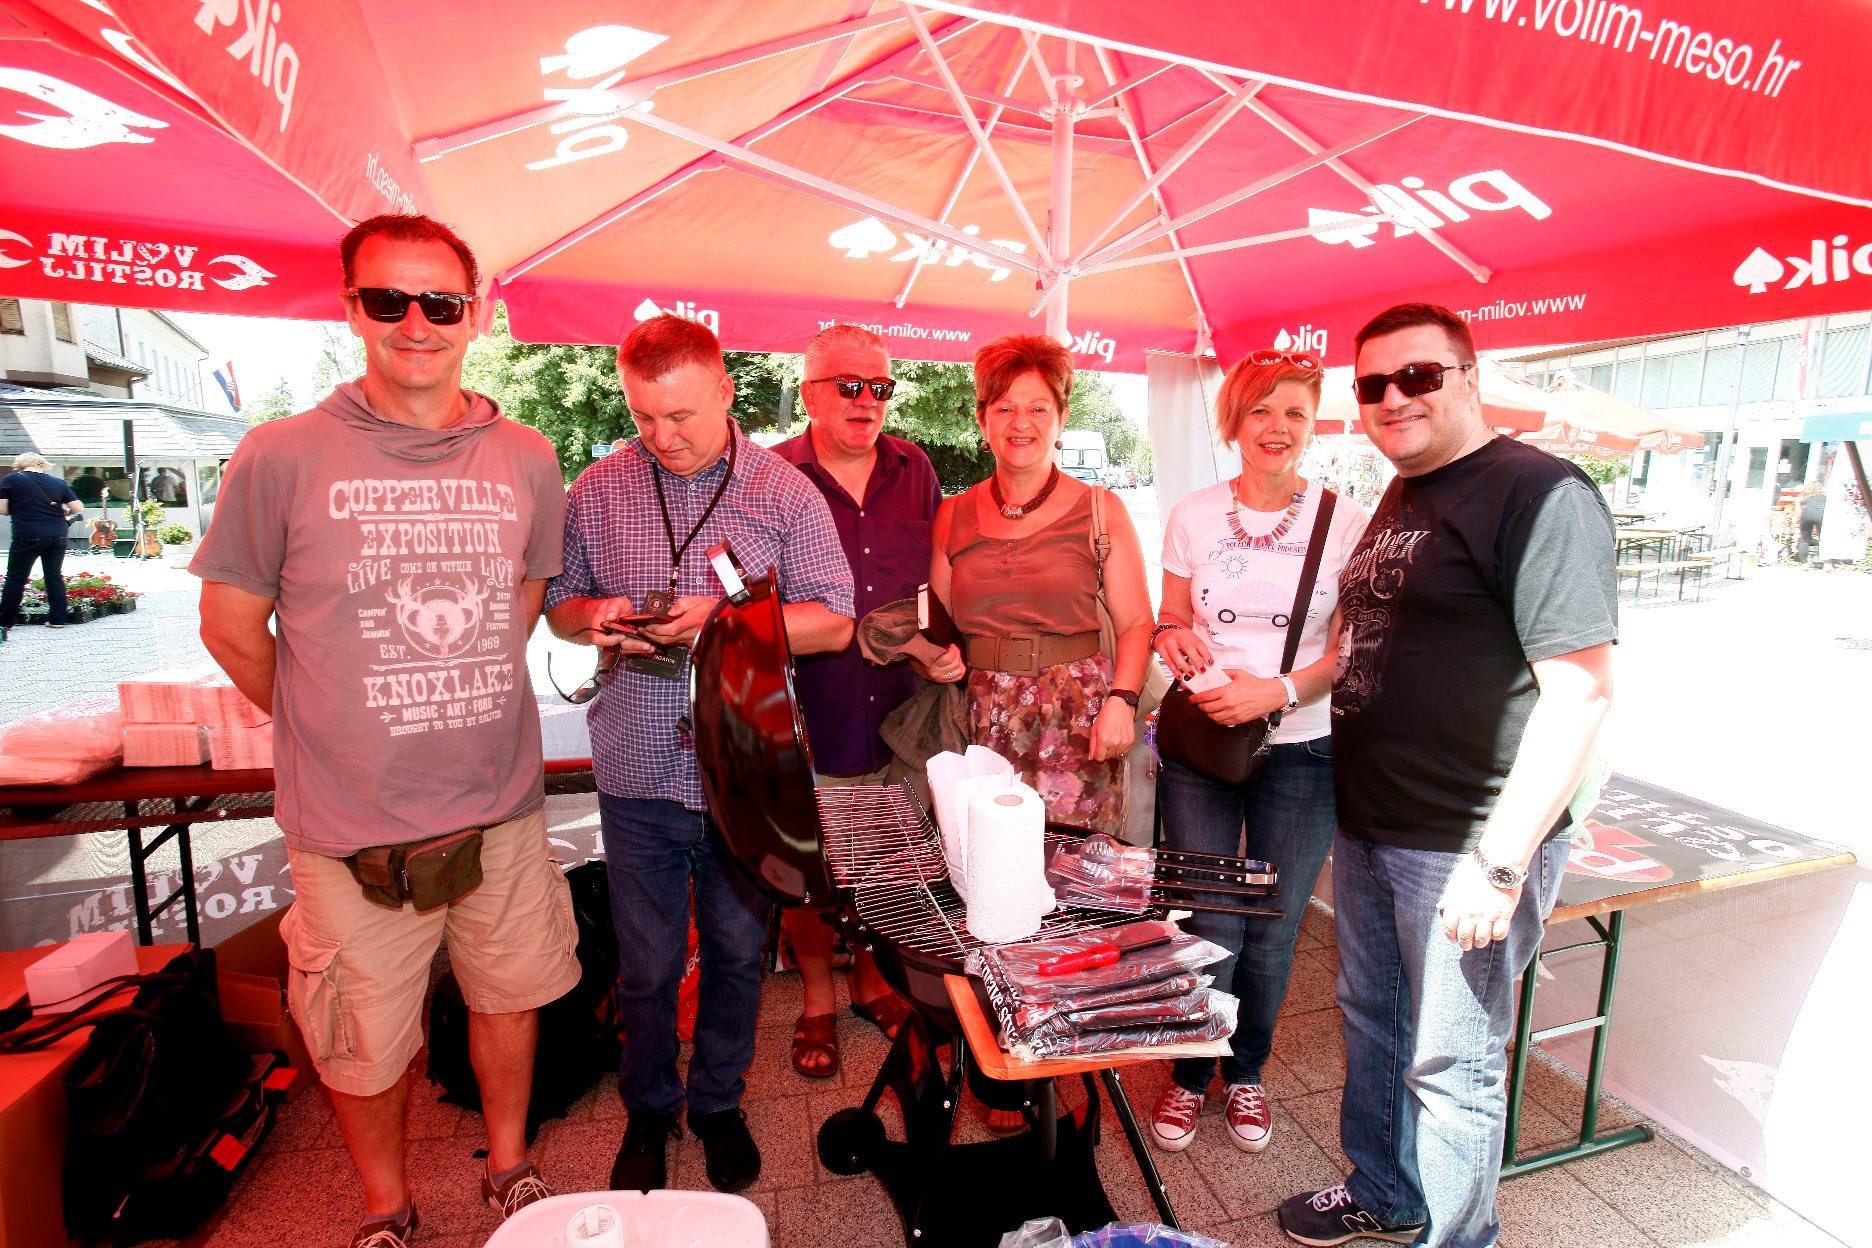 Željko Petrušić, Dušan Miljuš, Zlatko Šimić, Tanja Rudež, Ivana Kalogjera i Goran Ogurlić